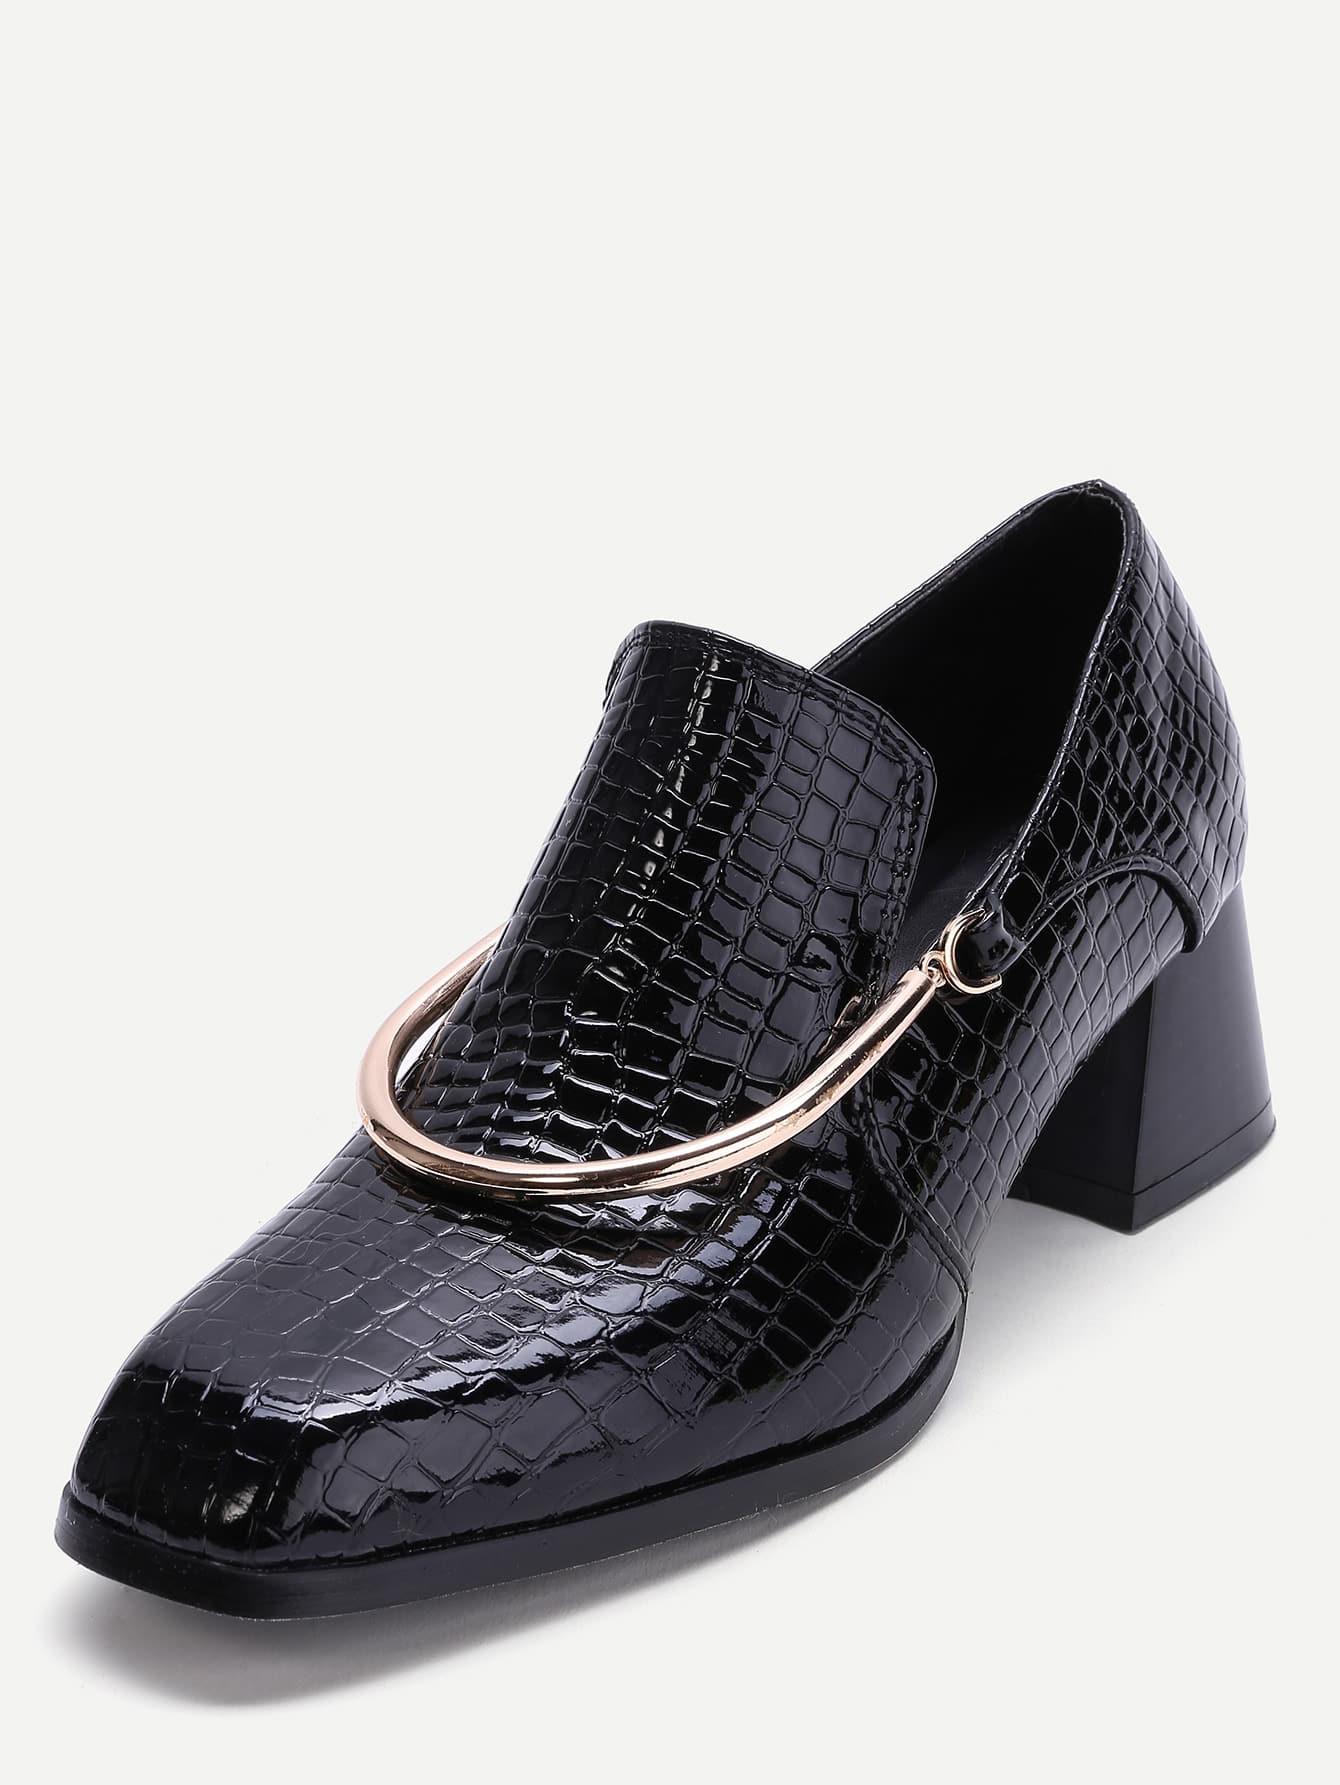 shoes161216808_2